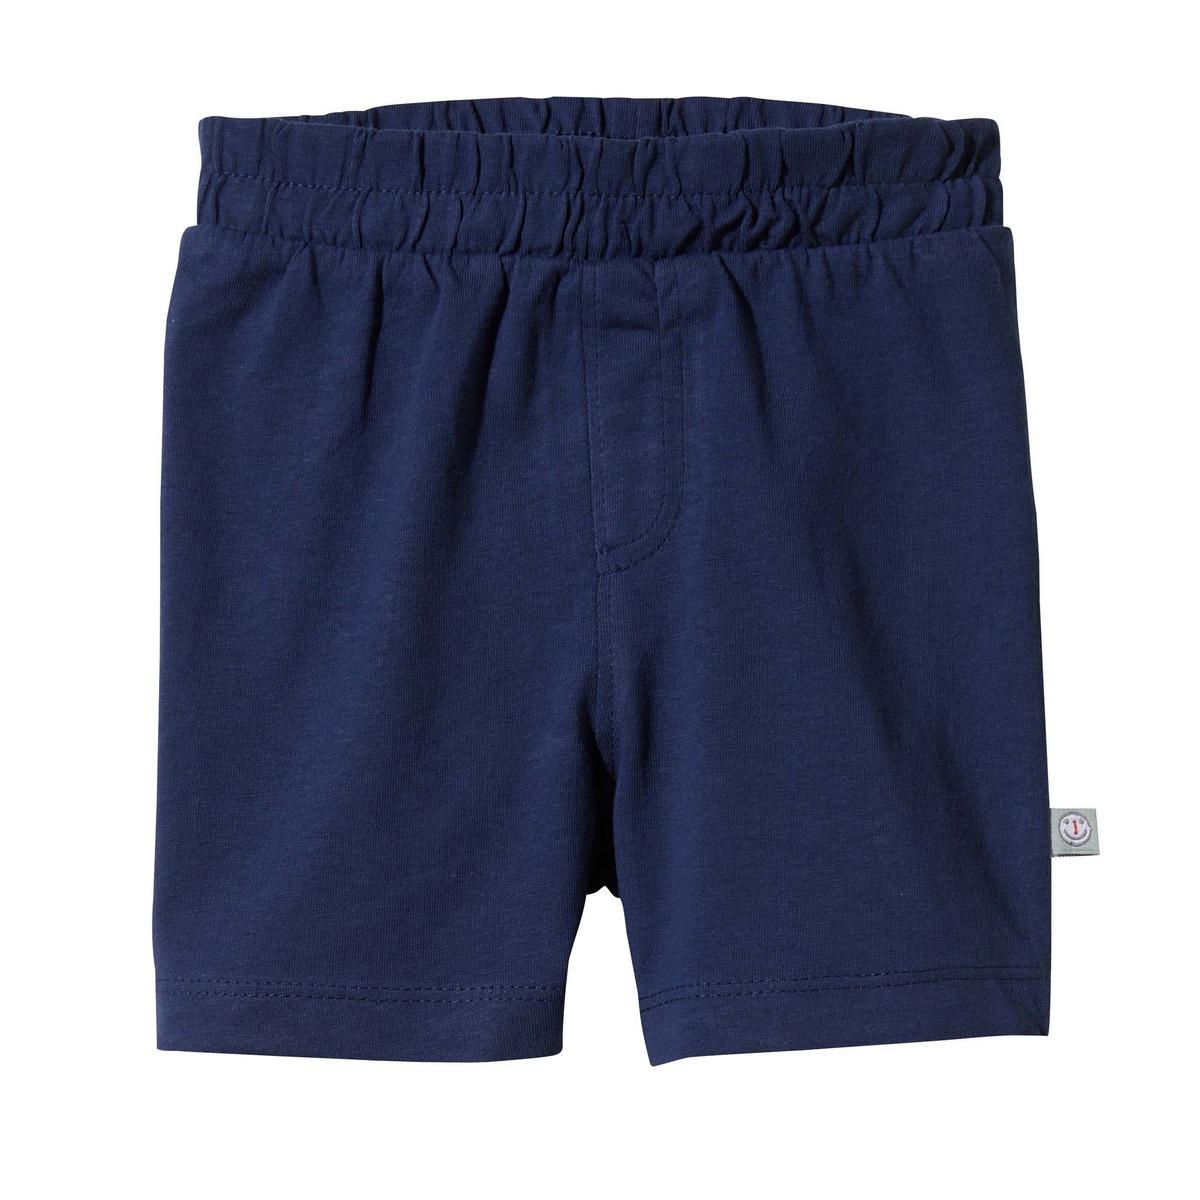 Bild 3 von Baby-Jungen-Shorts aus reiner Baumwolle, 2er-Pack